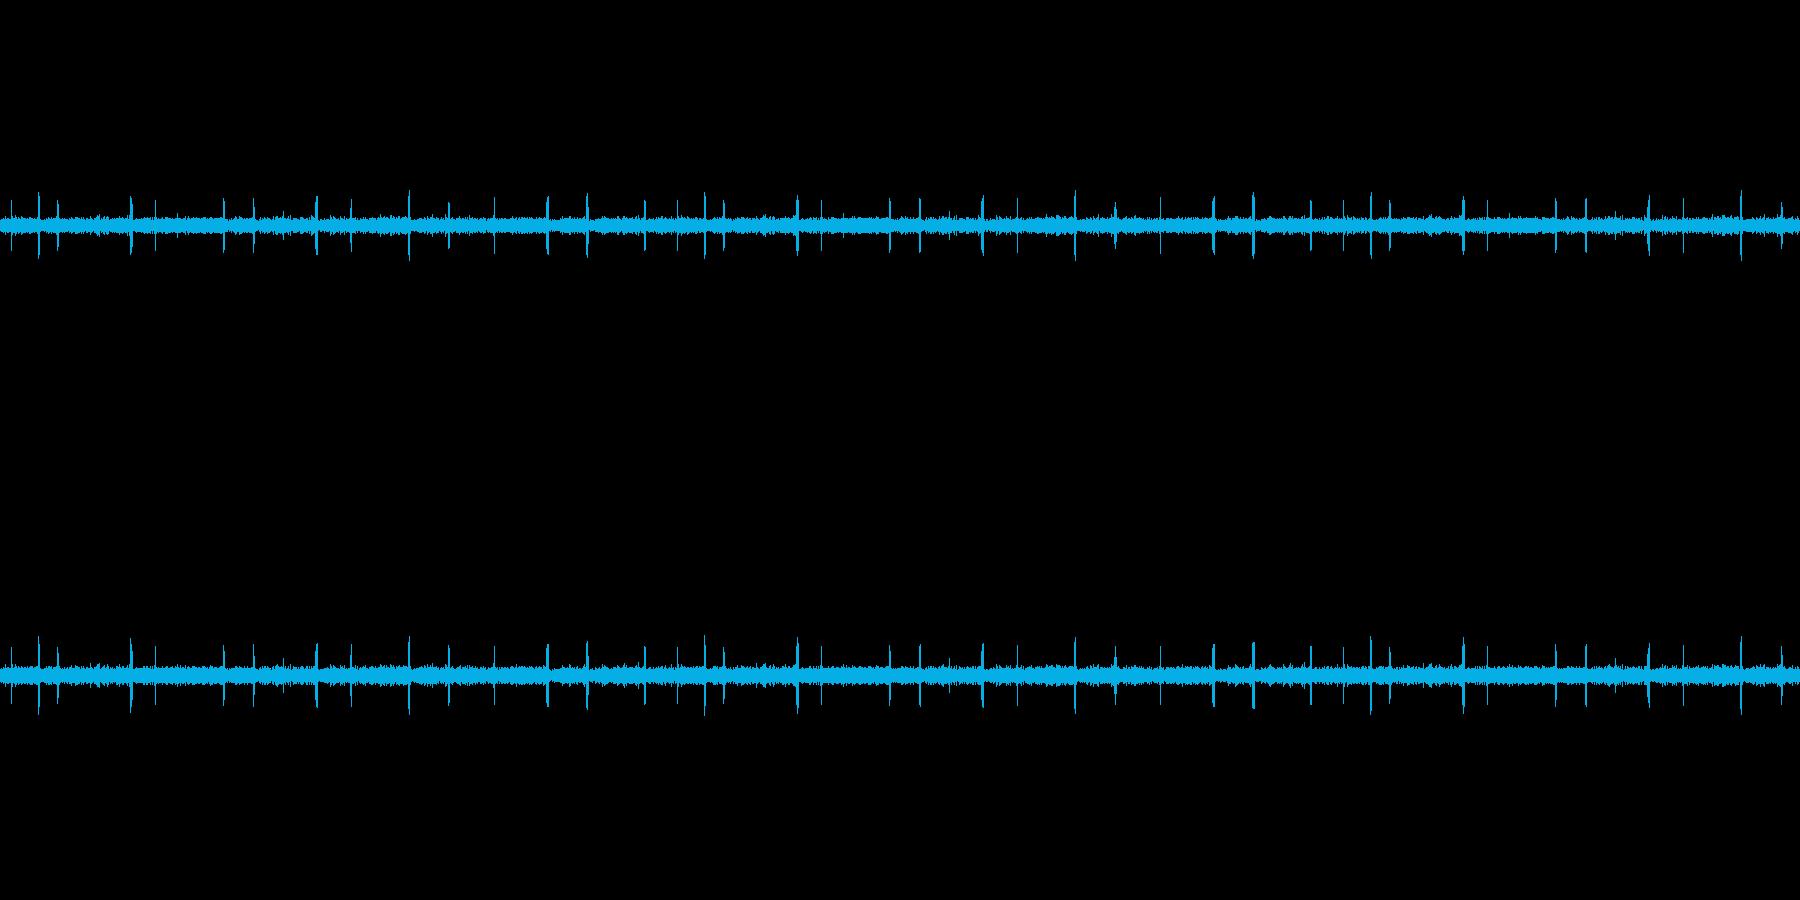 ザー(ラジオの動作音)の再生済みの波形